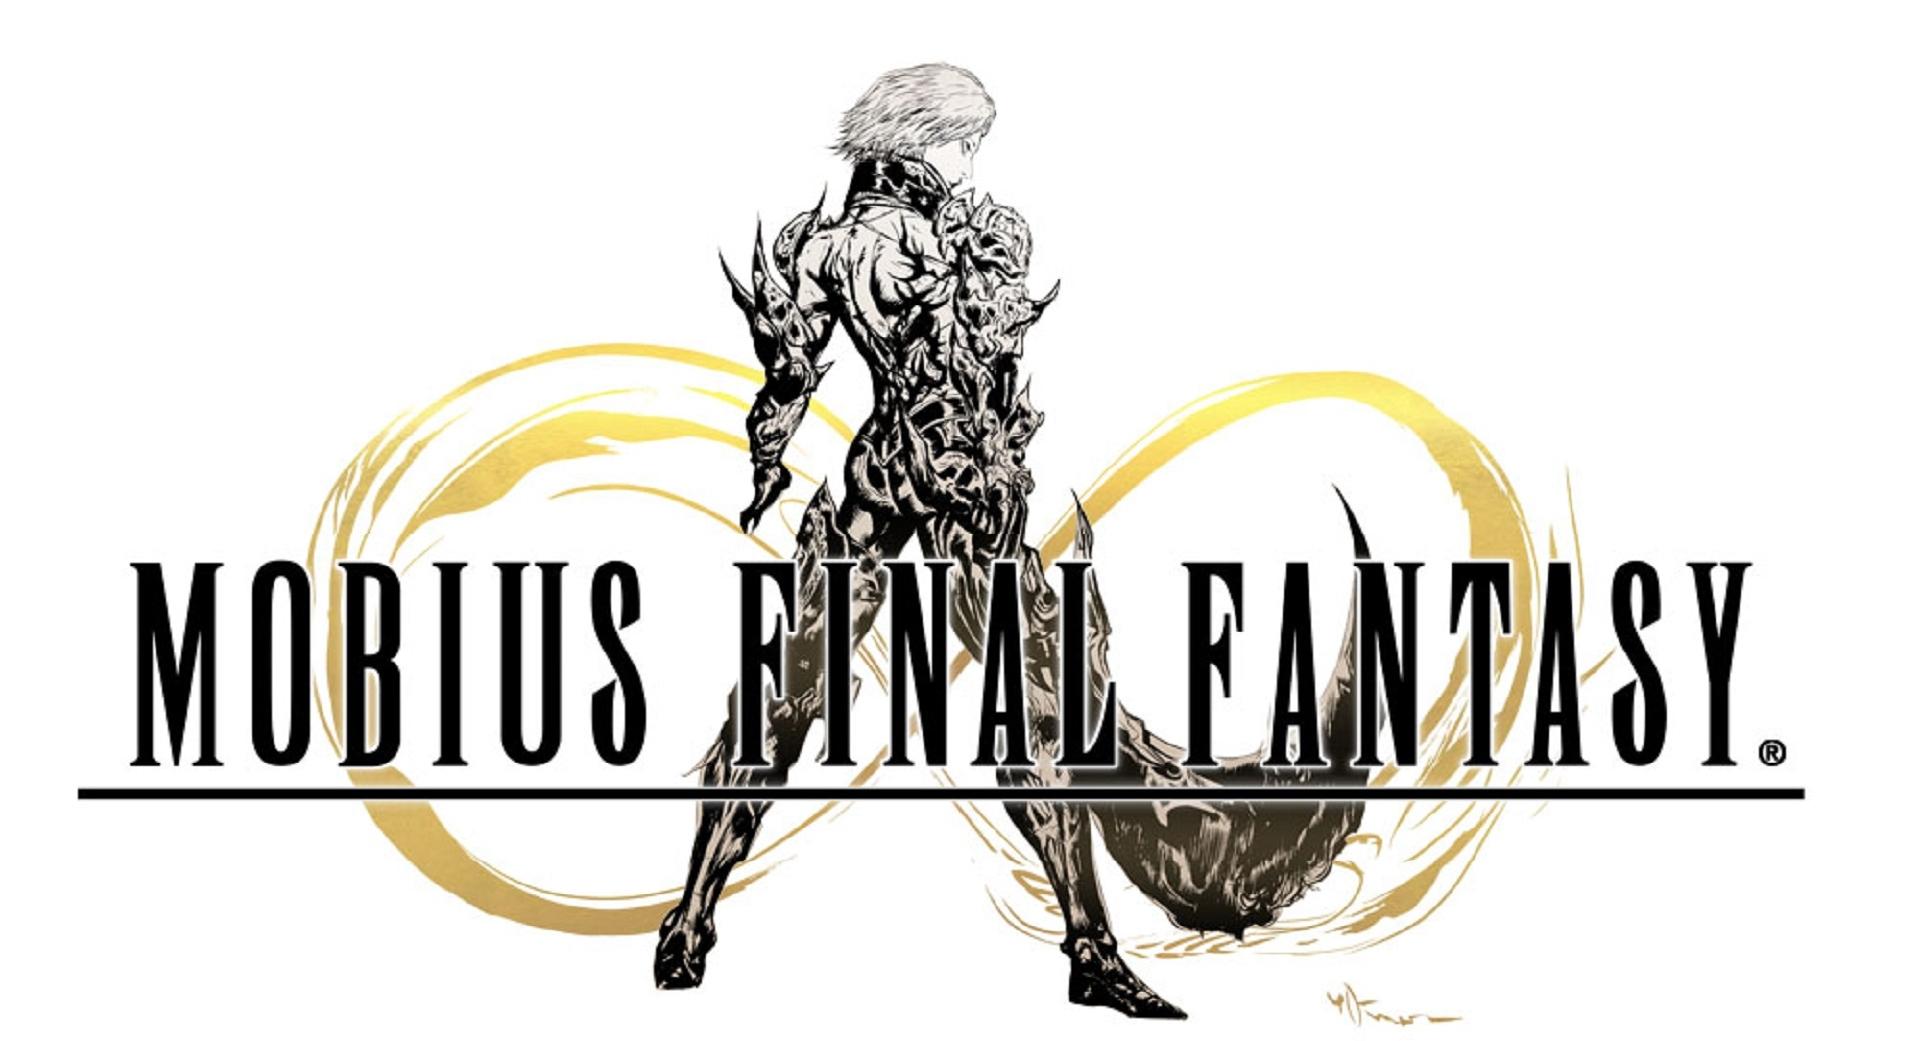 Mobius-Final-Fantasy.jpg